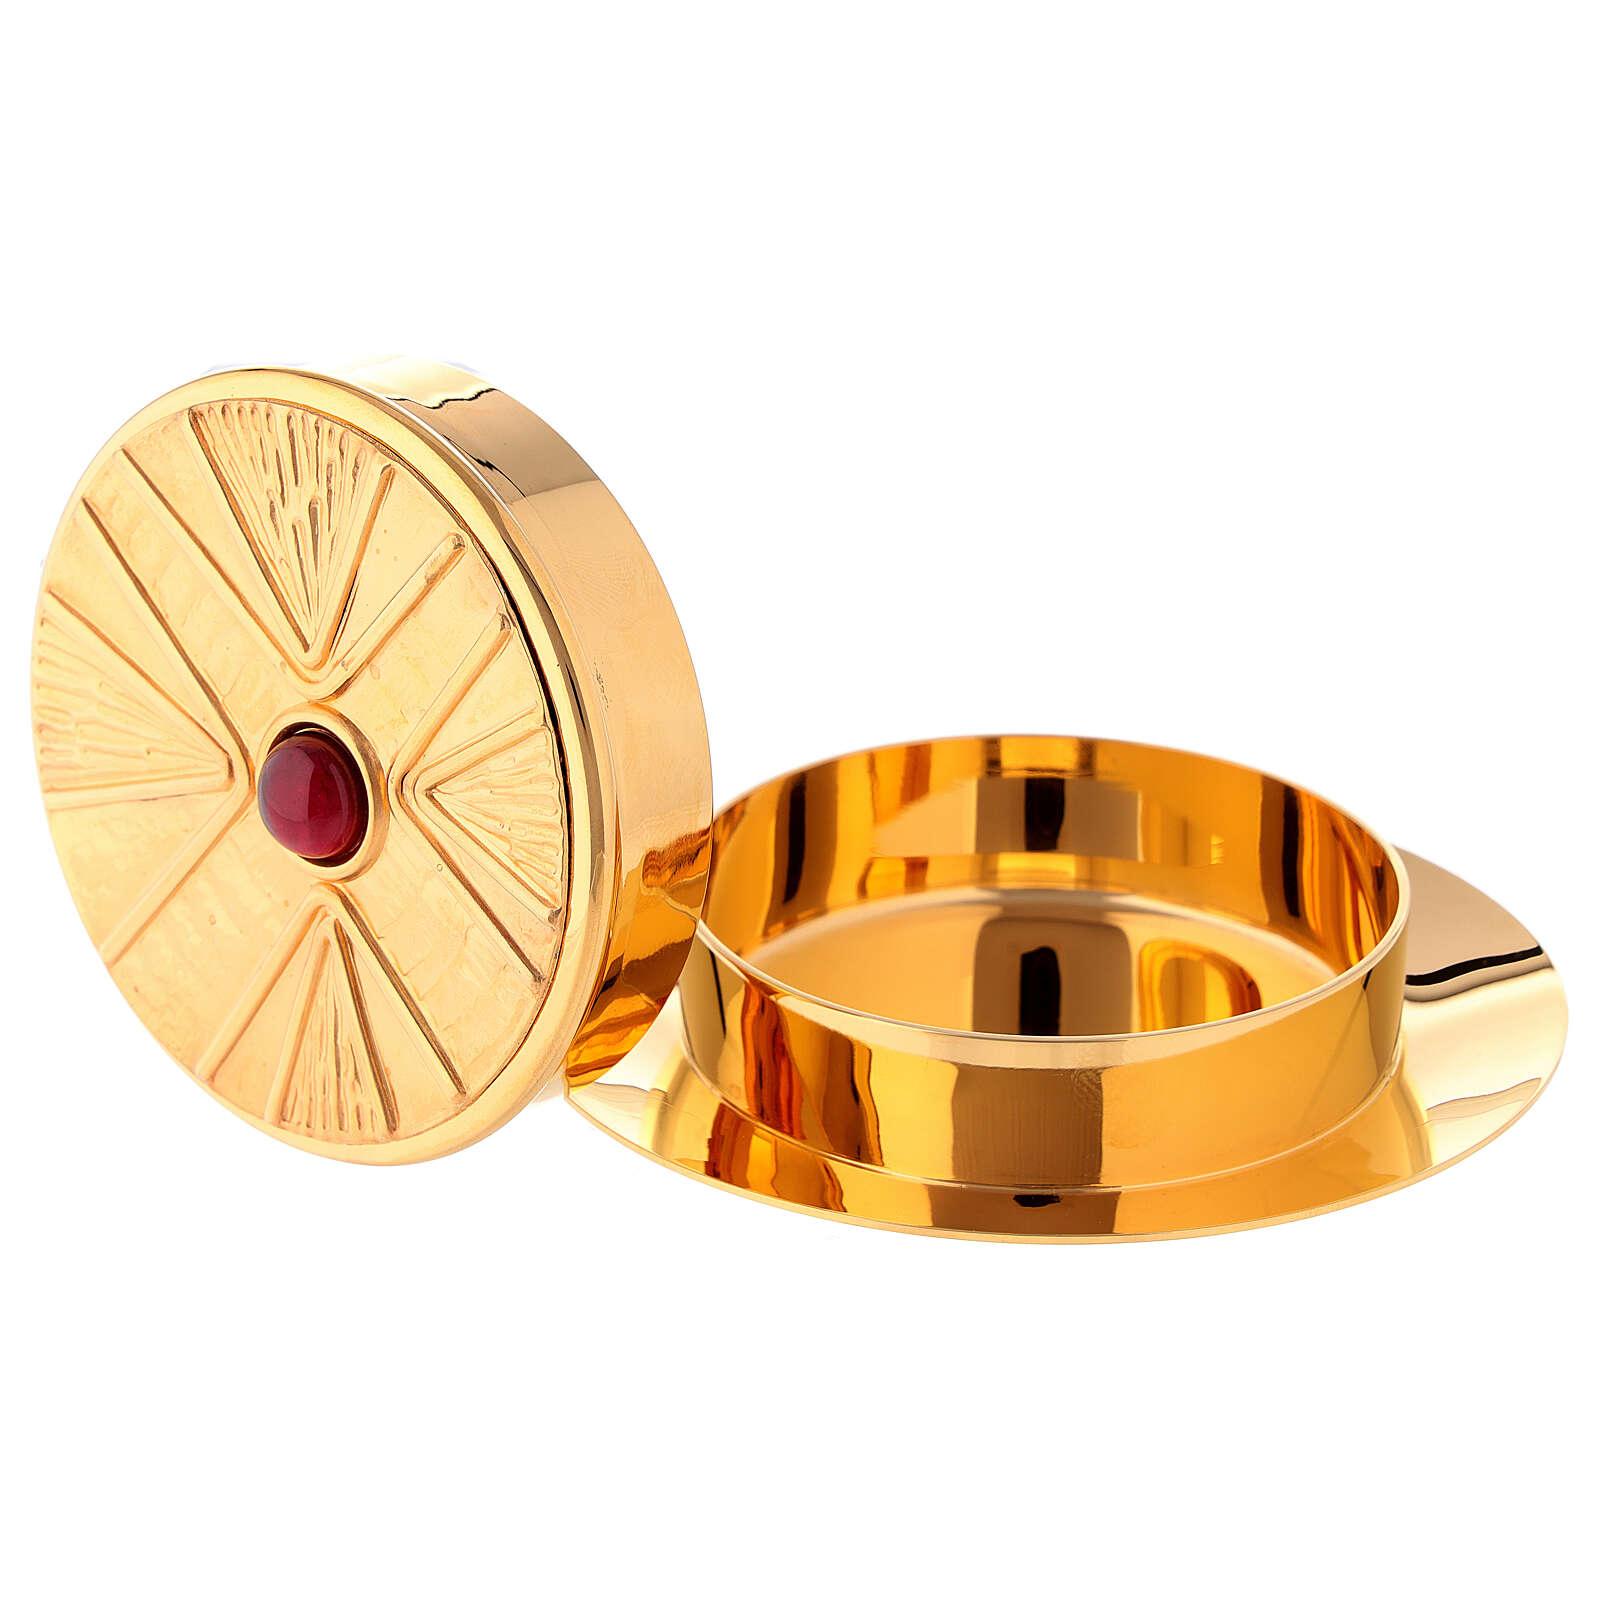 Caixa para hóstias acabamento dourado com pedra Molina diâm. 10,5 cm 3